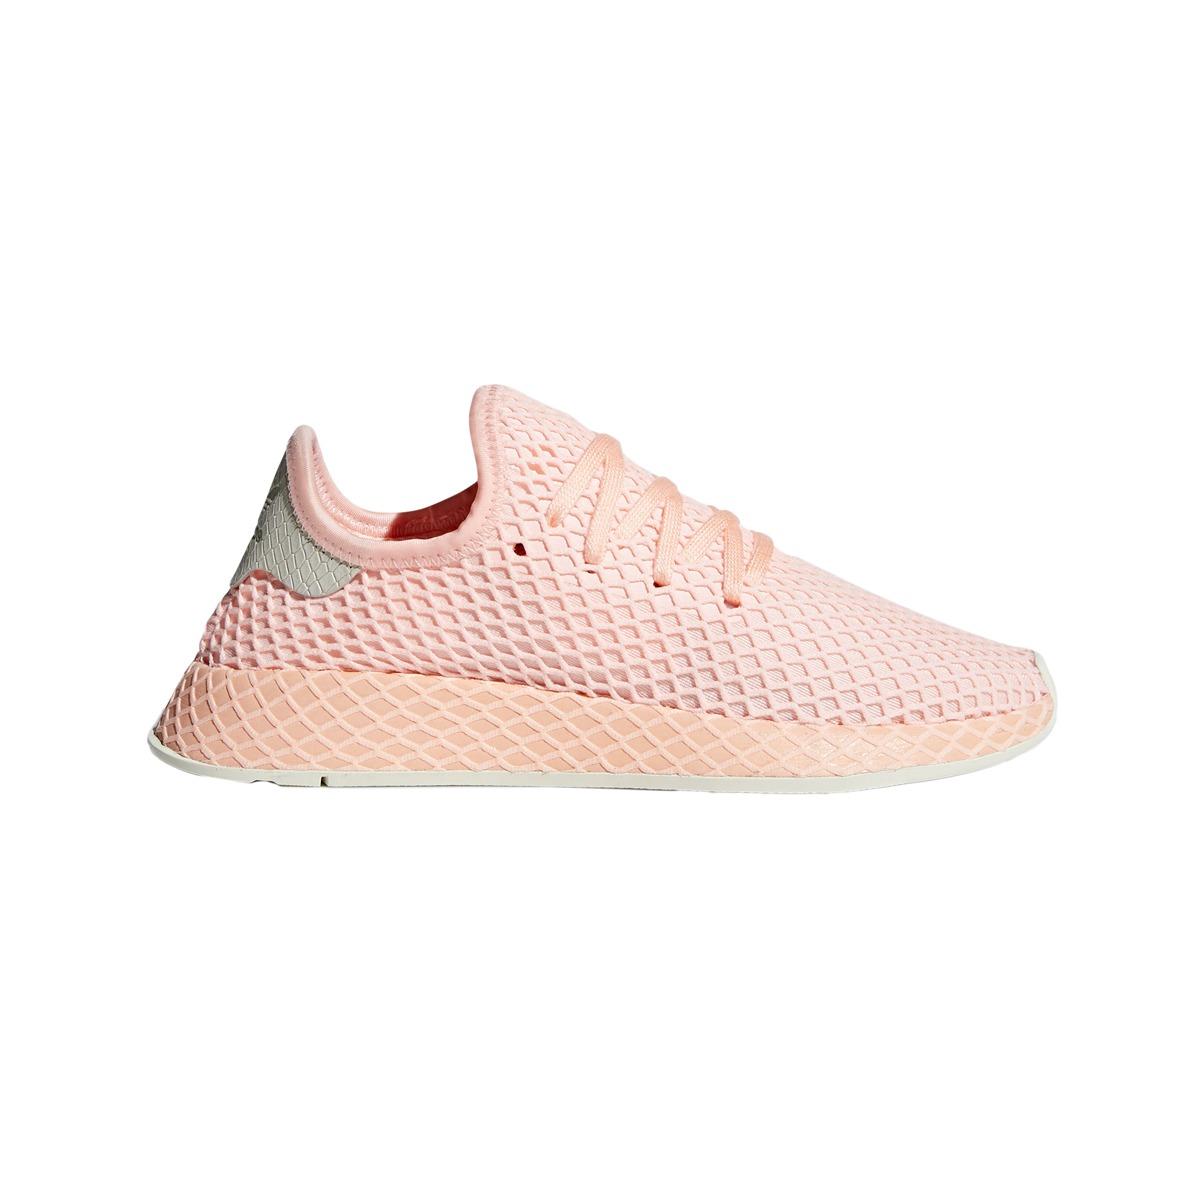 huge discount bbc20 64759 zapatillas adidas originals deerupt runner w mujer sagr. Cargando zoom.